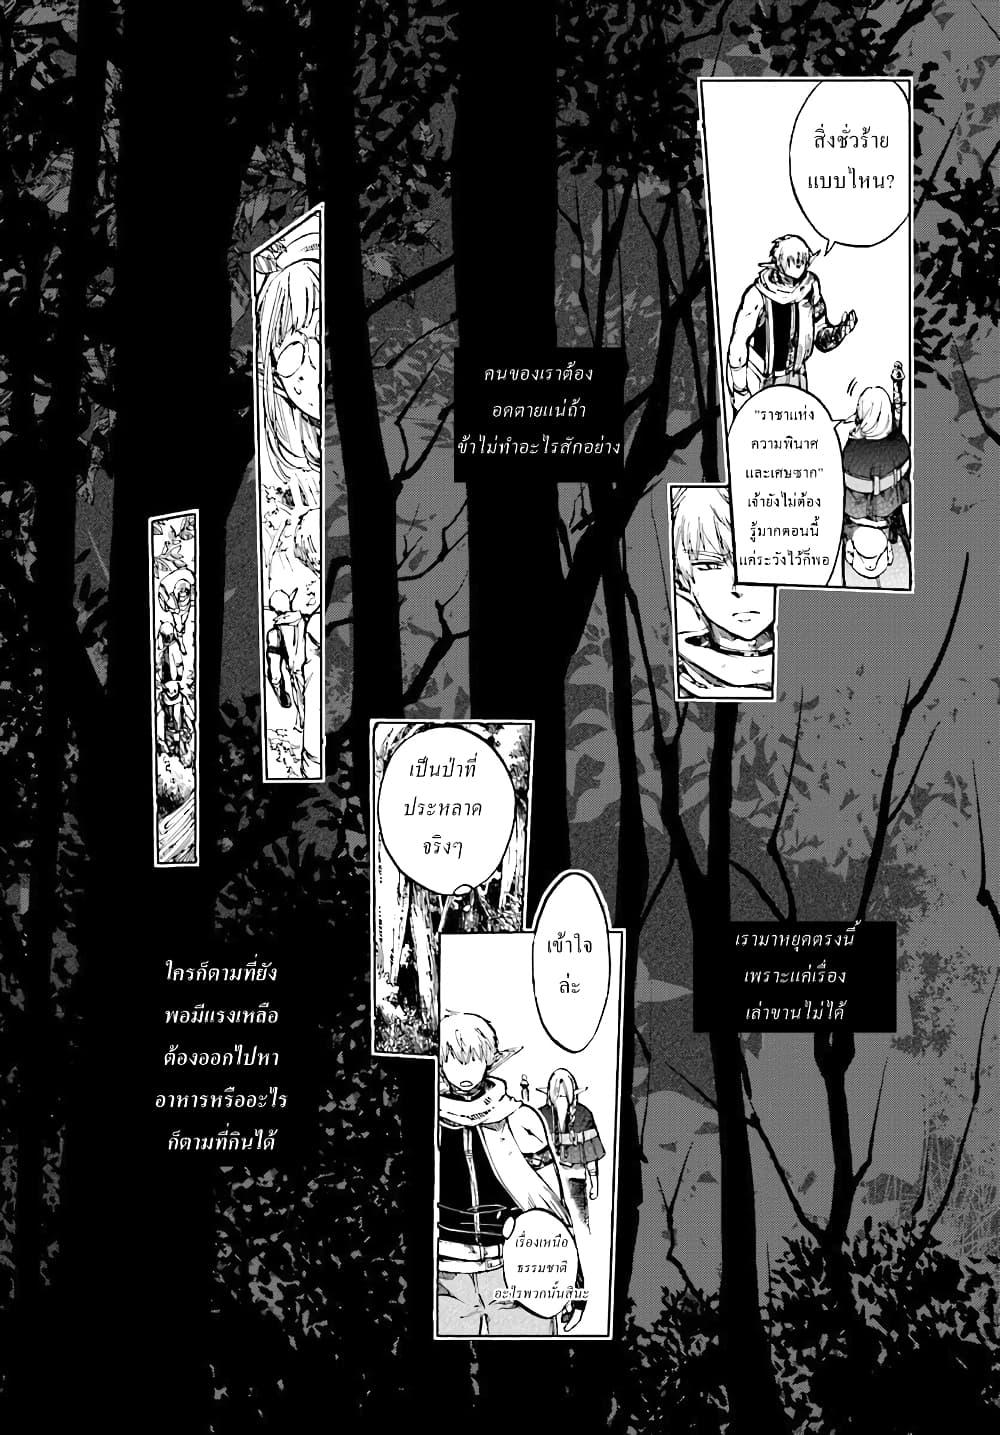 อ่านการ์ตูน Isekai Apocalypse MYNOGHRA ~The Conquest of the World Starts With the Civilization of Ruin~ ตอนที่ 2 หน้าที่ 4